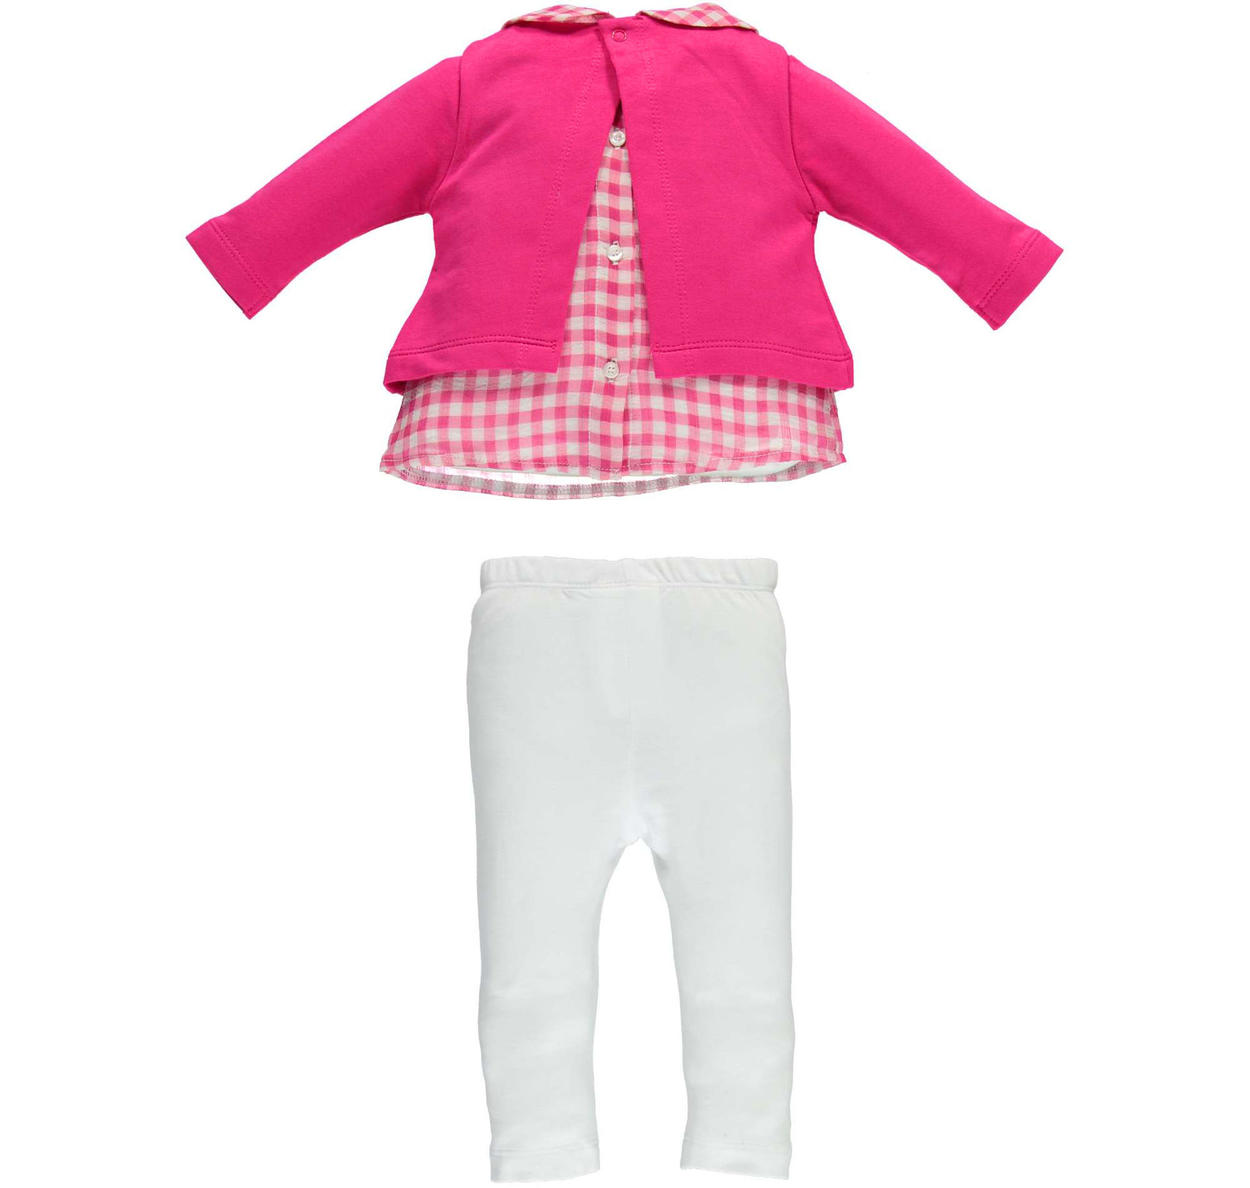 Completo 100% cotone maglietta effetto camicia e leggings per neonata da 0 a 18 mesi iDO